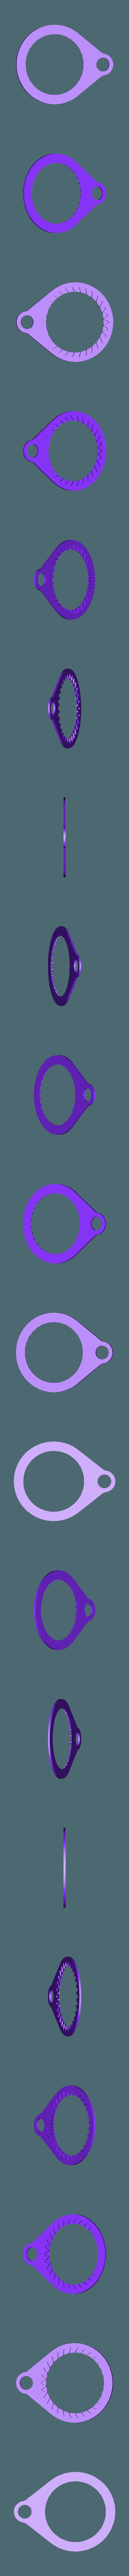 spiro-Base.stl Download free STL file SPIROGRAPH • 3D printing design, YEHIA